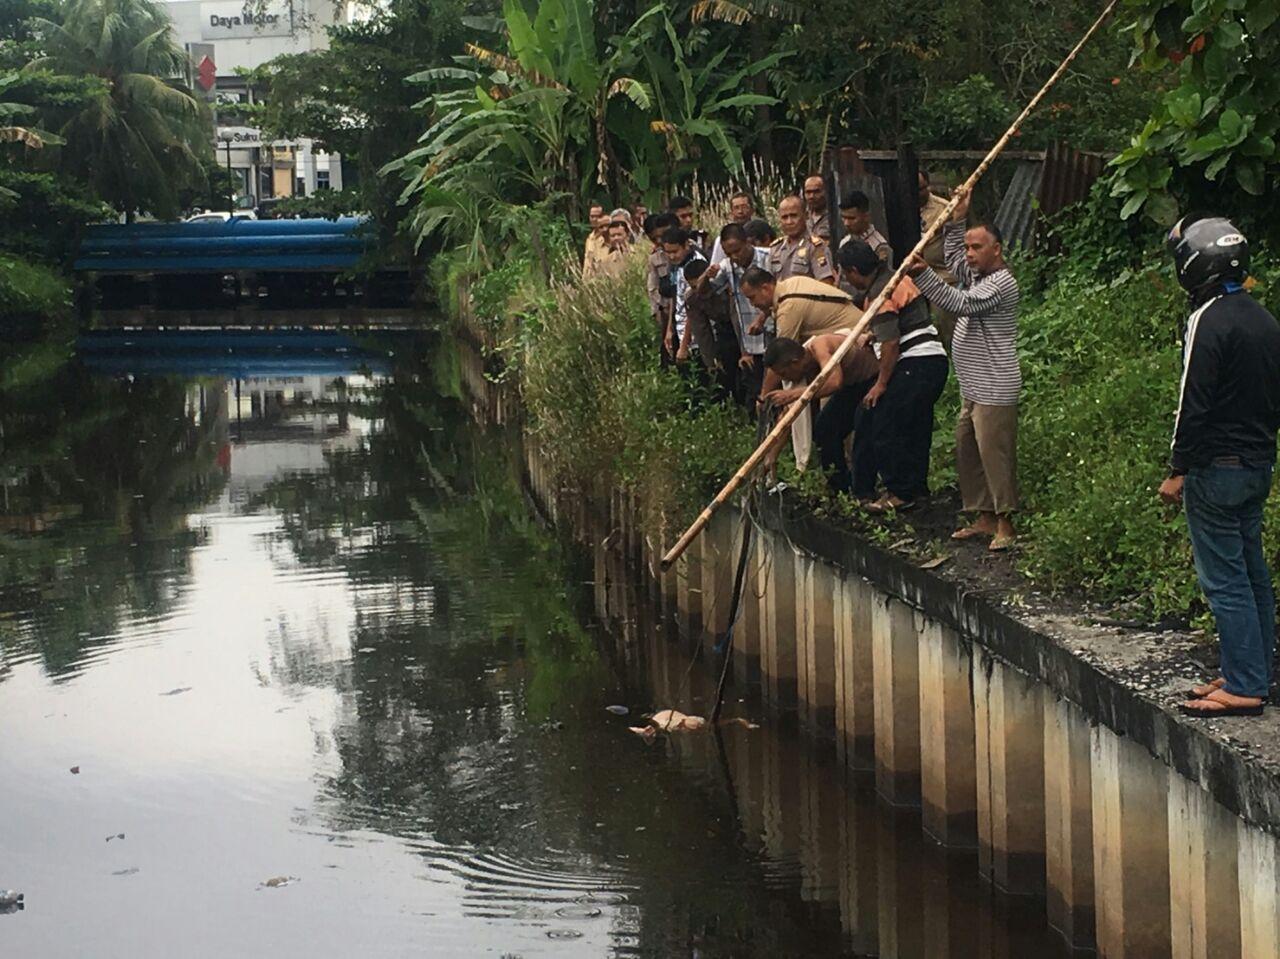 Jasad wanita paruh baya ditemukan diparit Jl. Letkol Sugiono, Kota Pontianak.